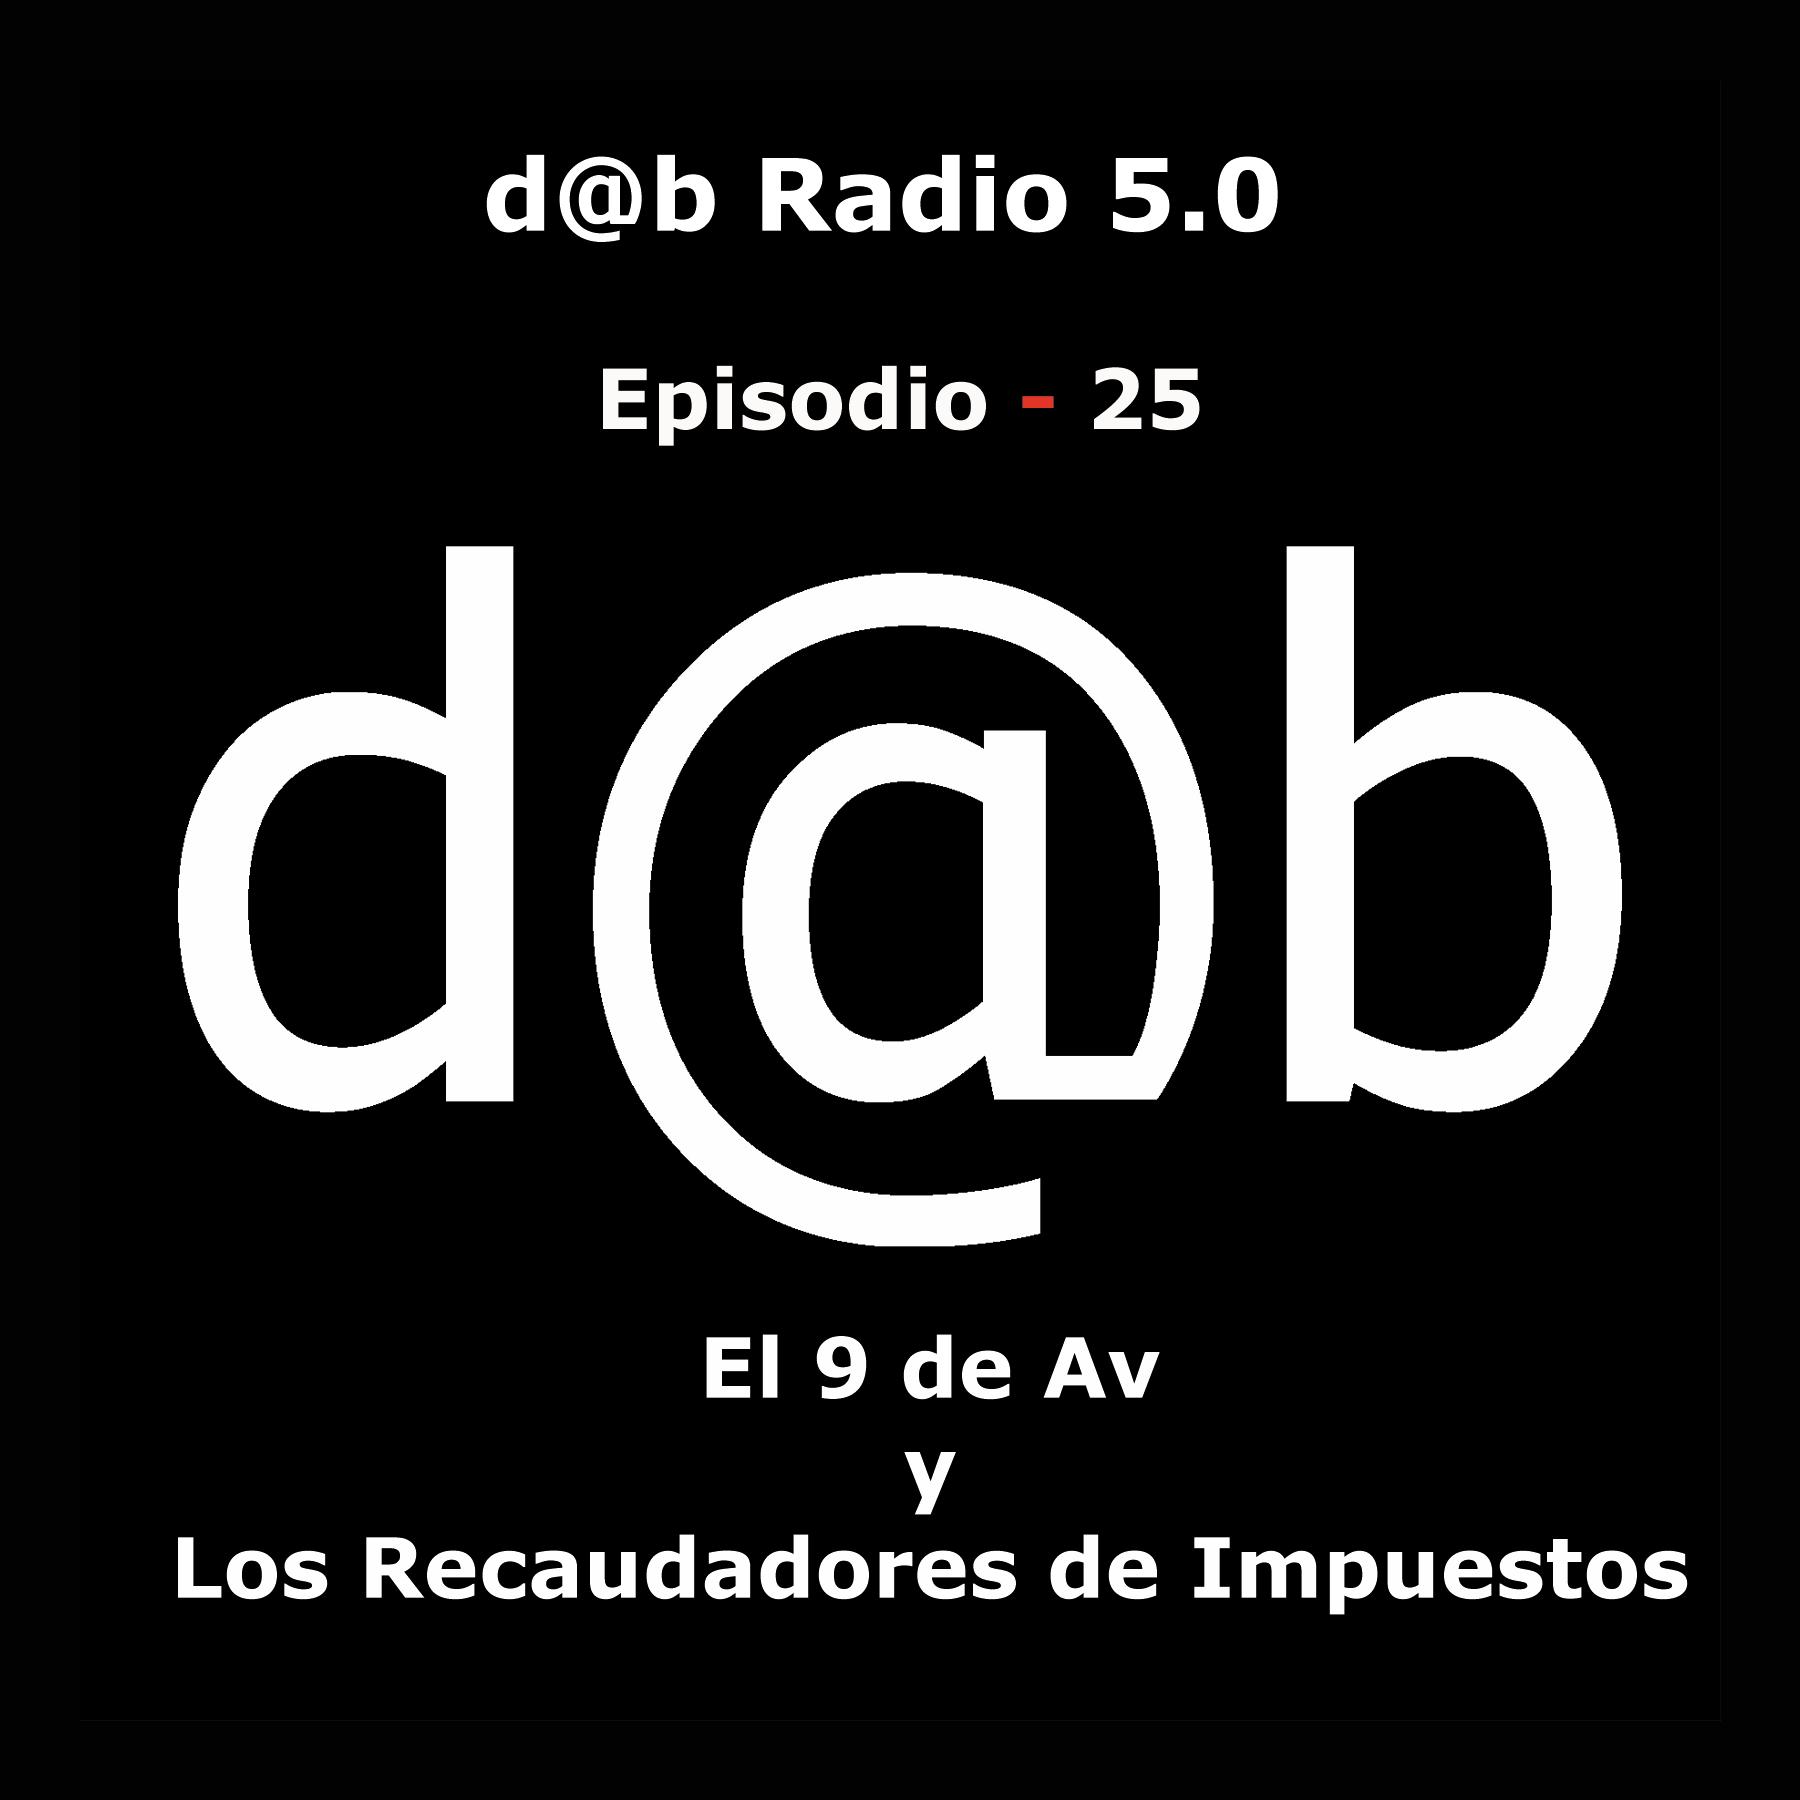 Desmontando a Babylon: d@b radio 5.0 Episodio 25 – El 9 de AV y los Recaudadores de Impuestos